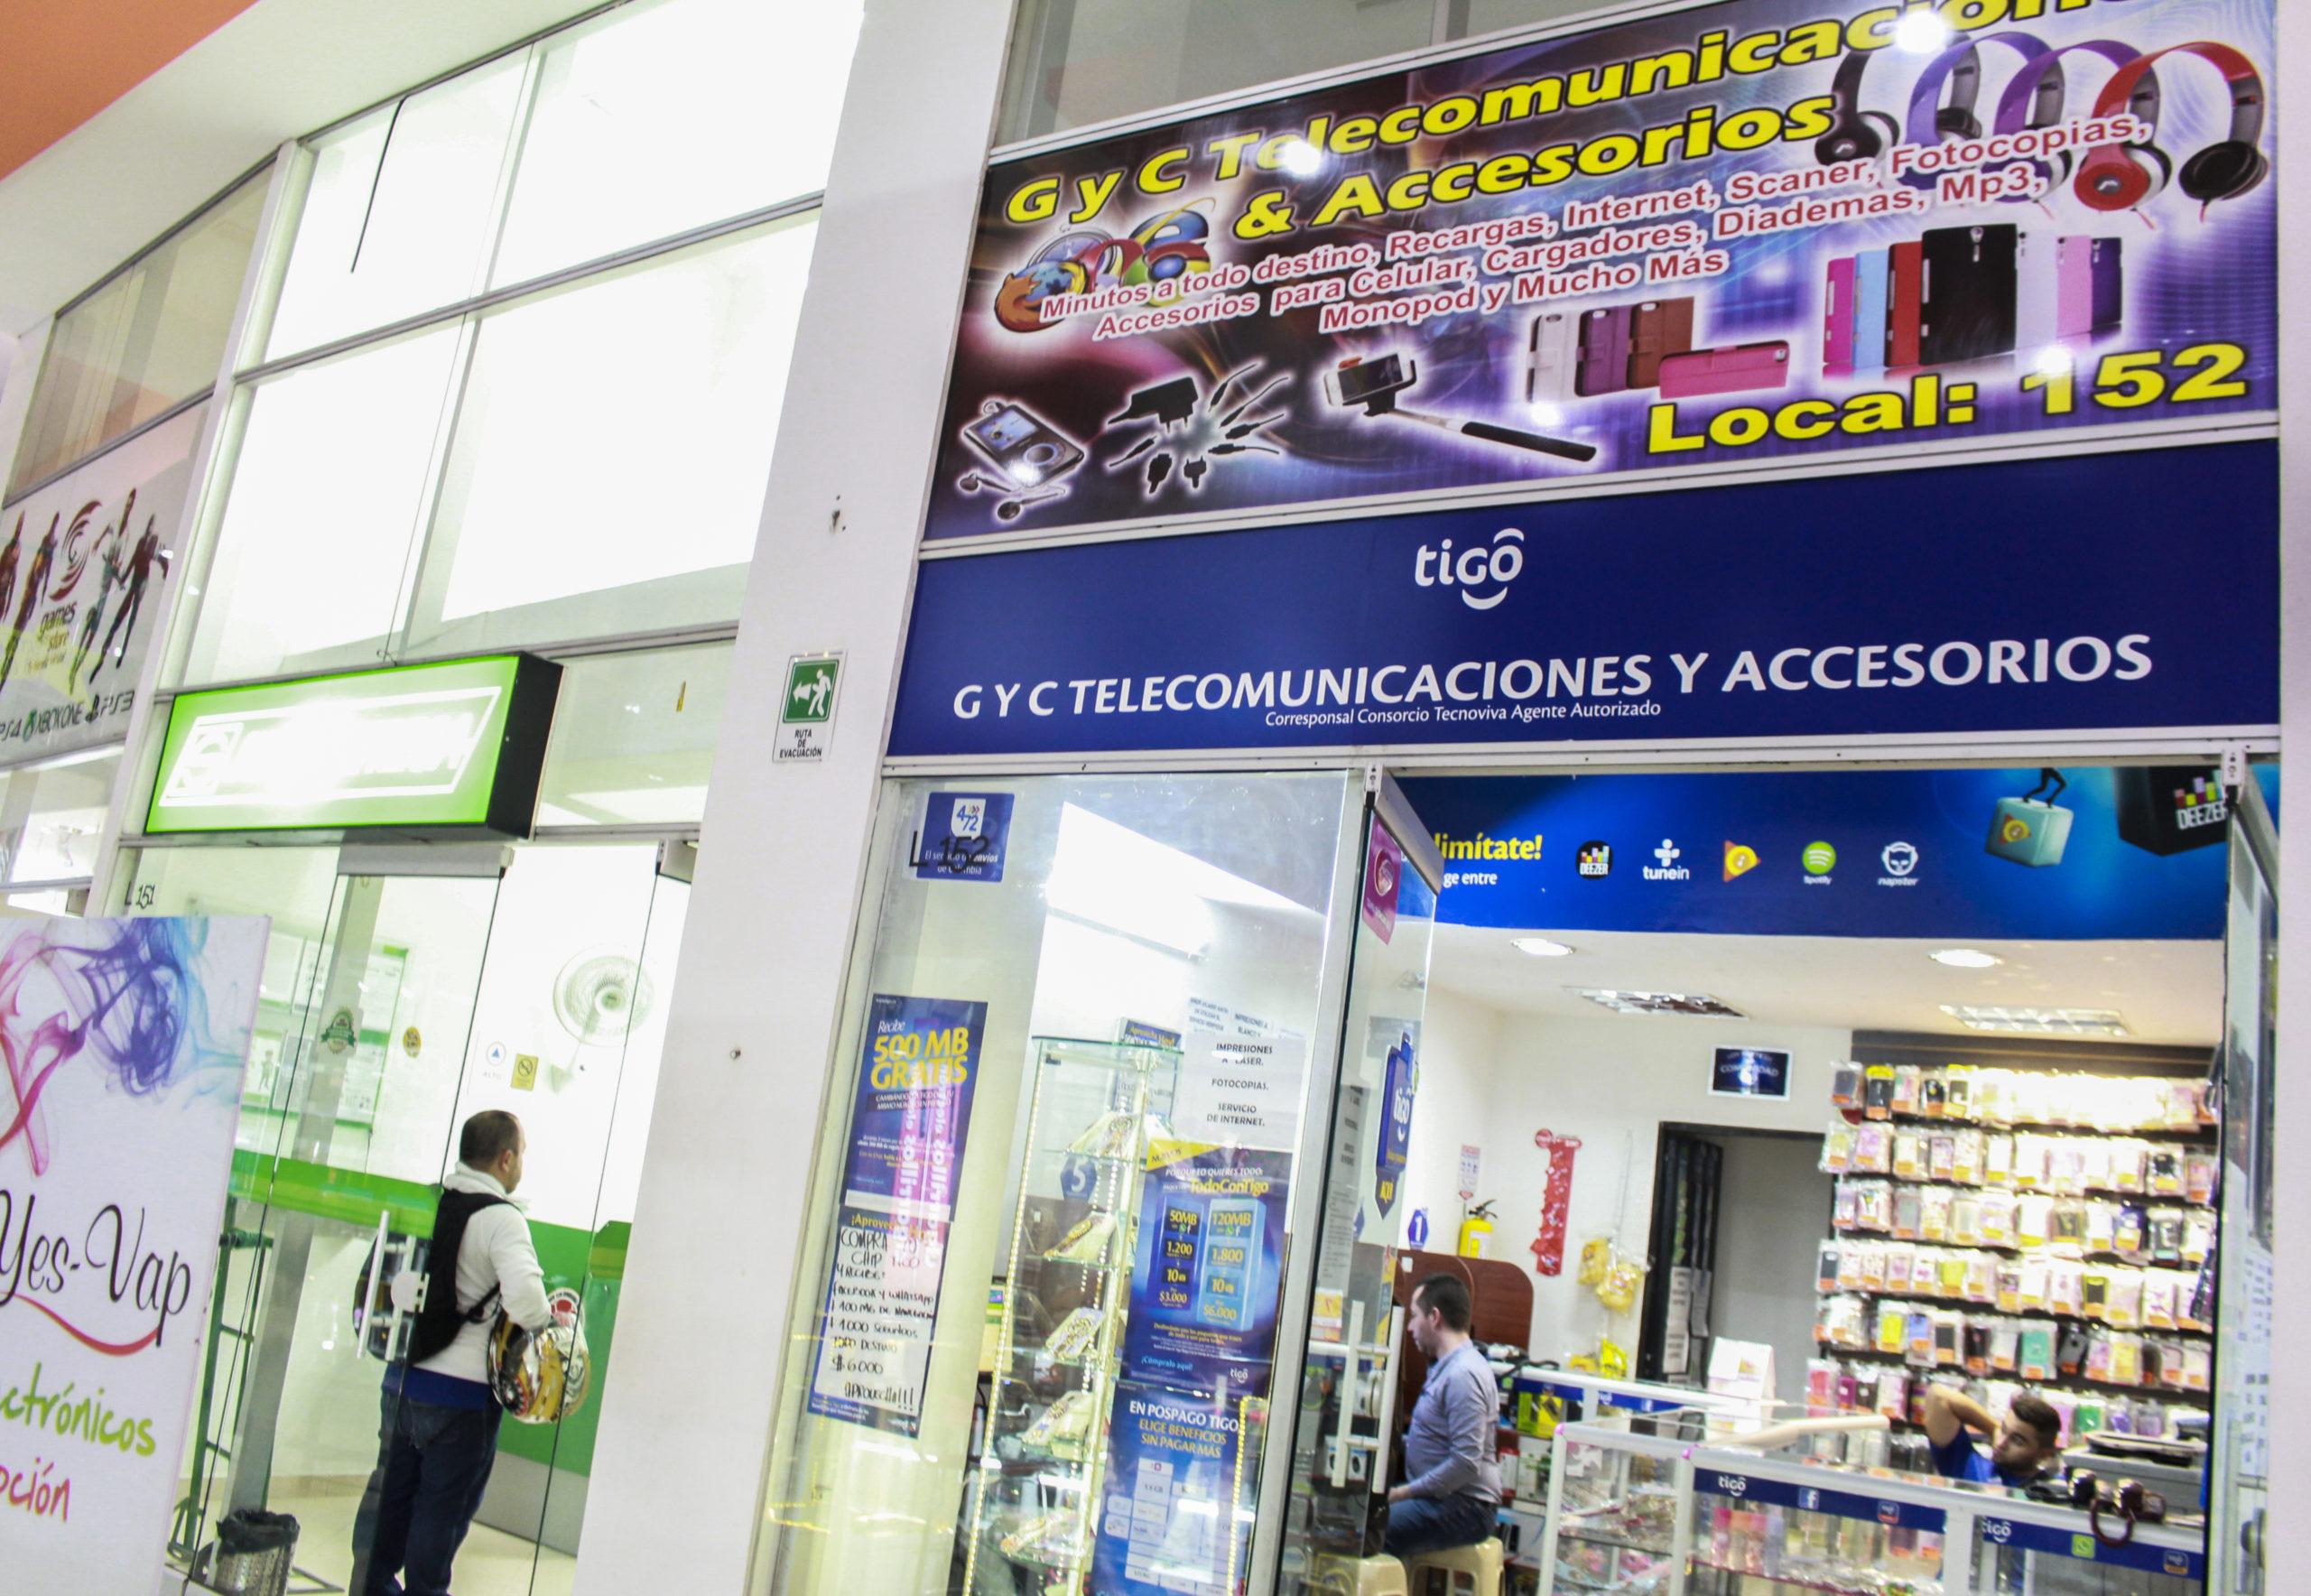 G y C Telecomunicaciones y Accesorios – Local 152